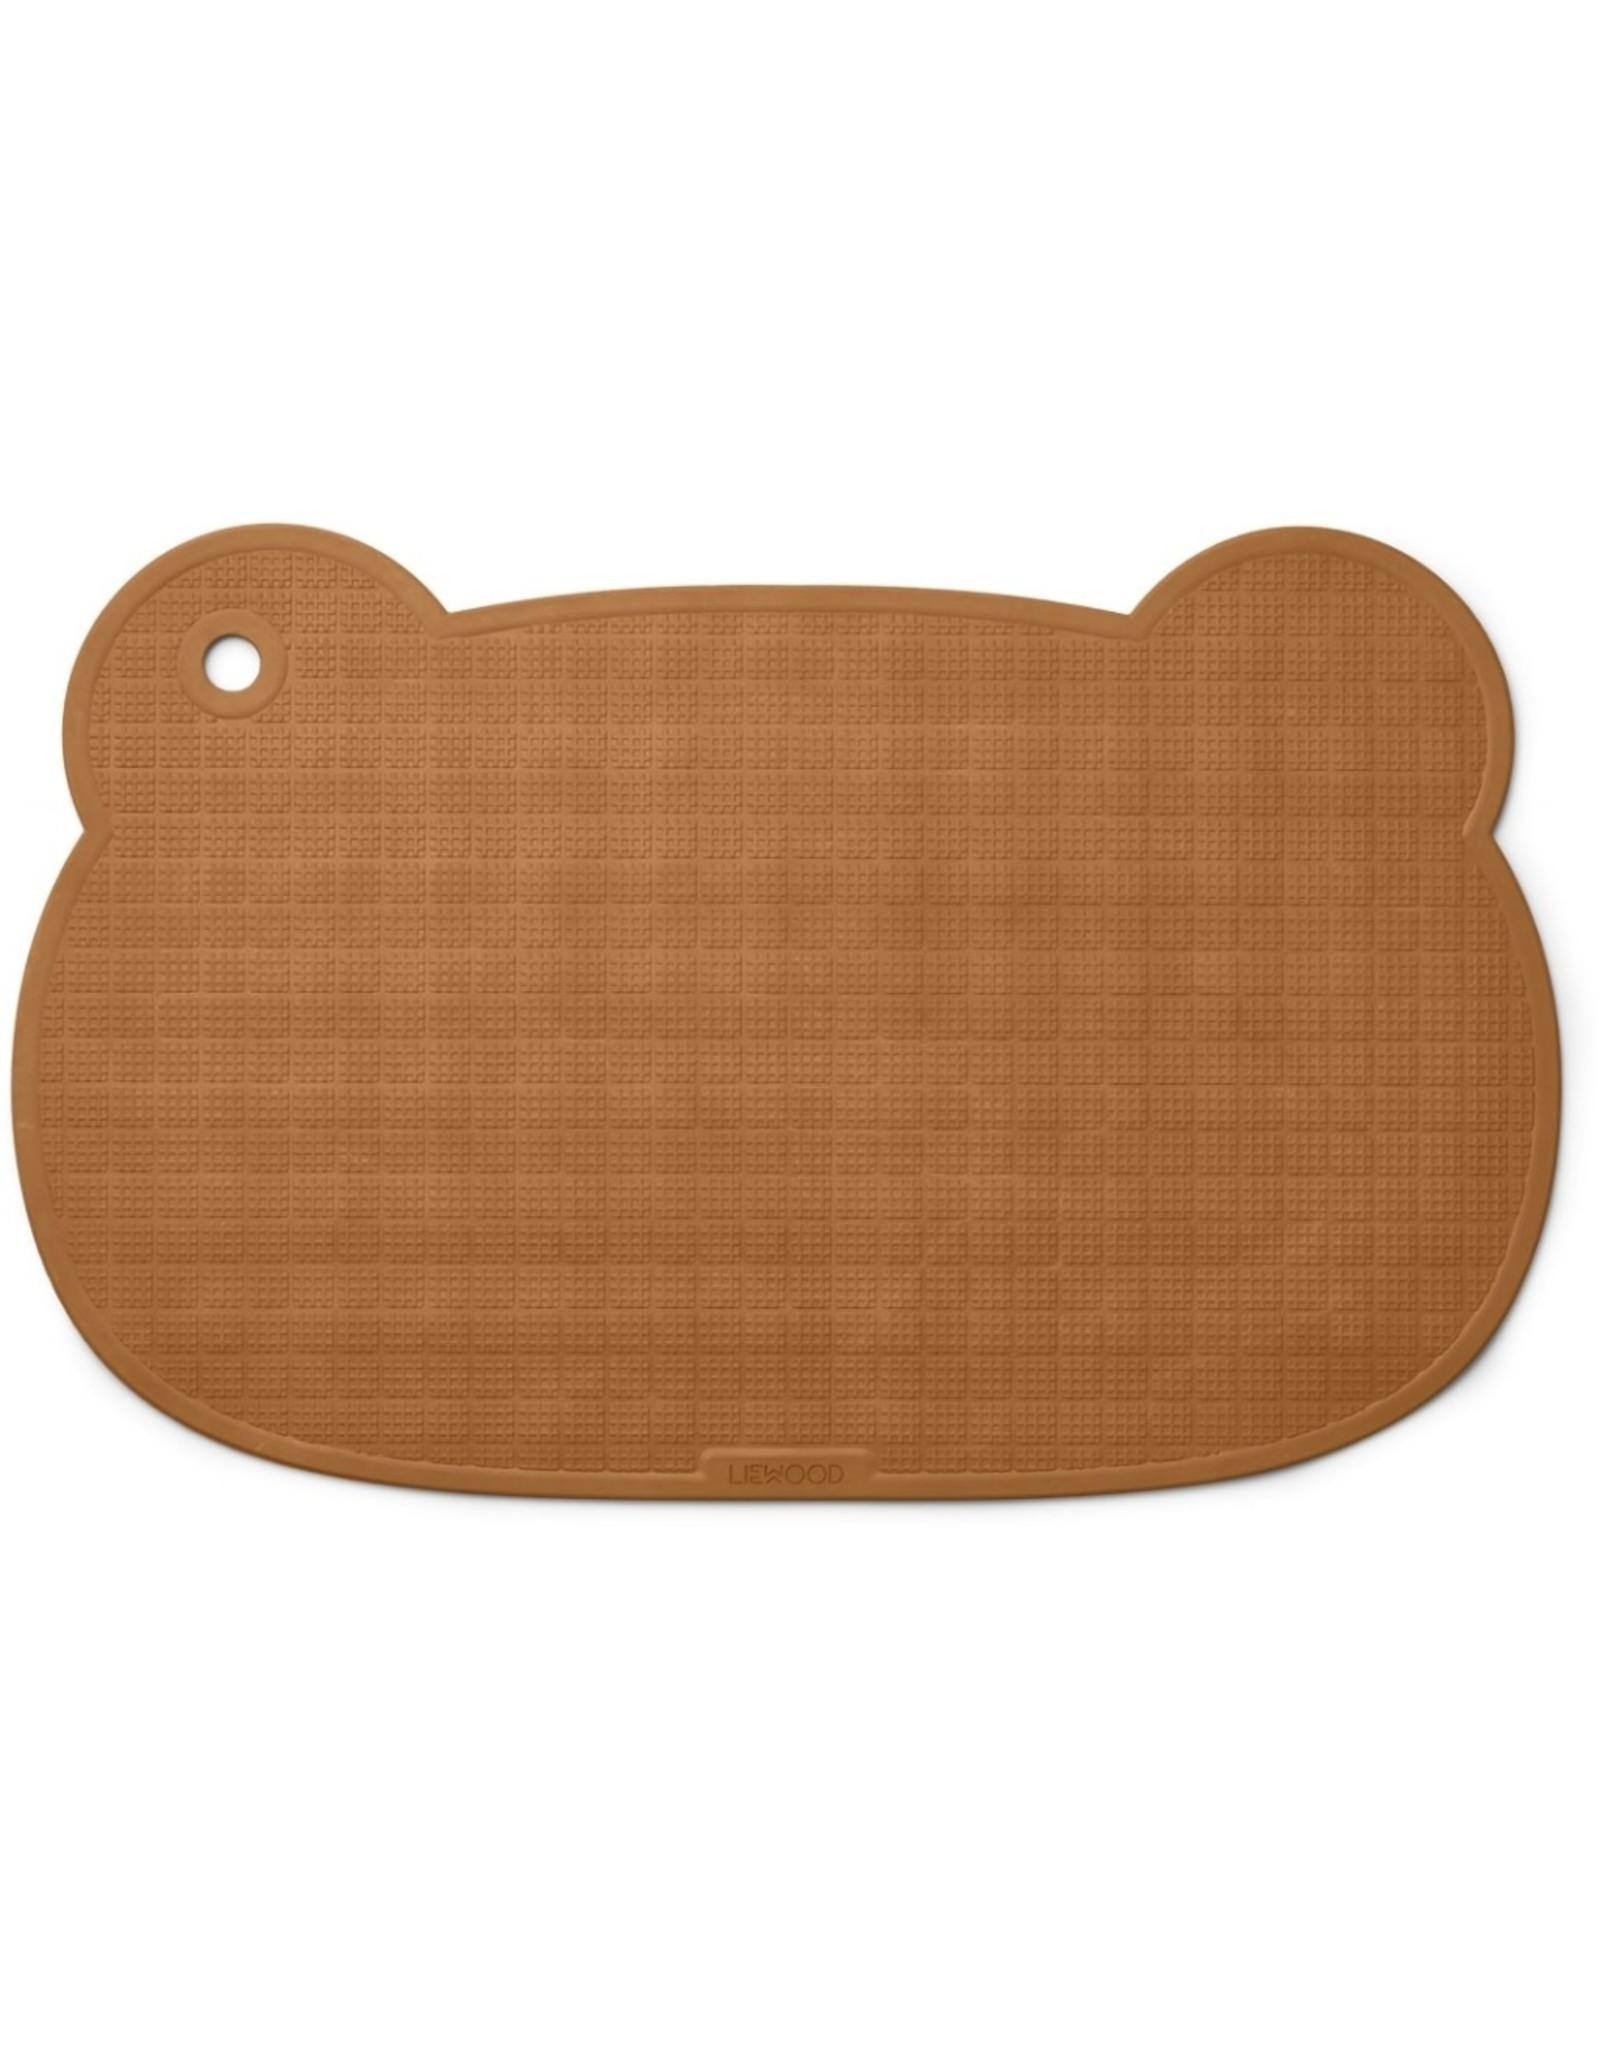 Liewood Sailor Bath Mat - Mr Bear Mustard